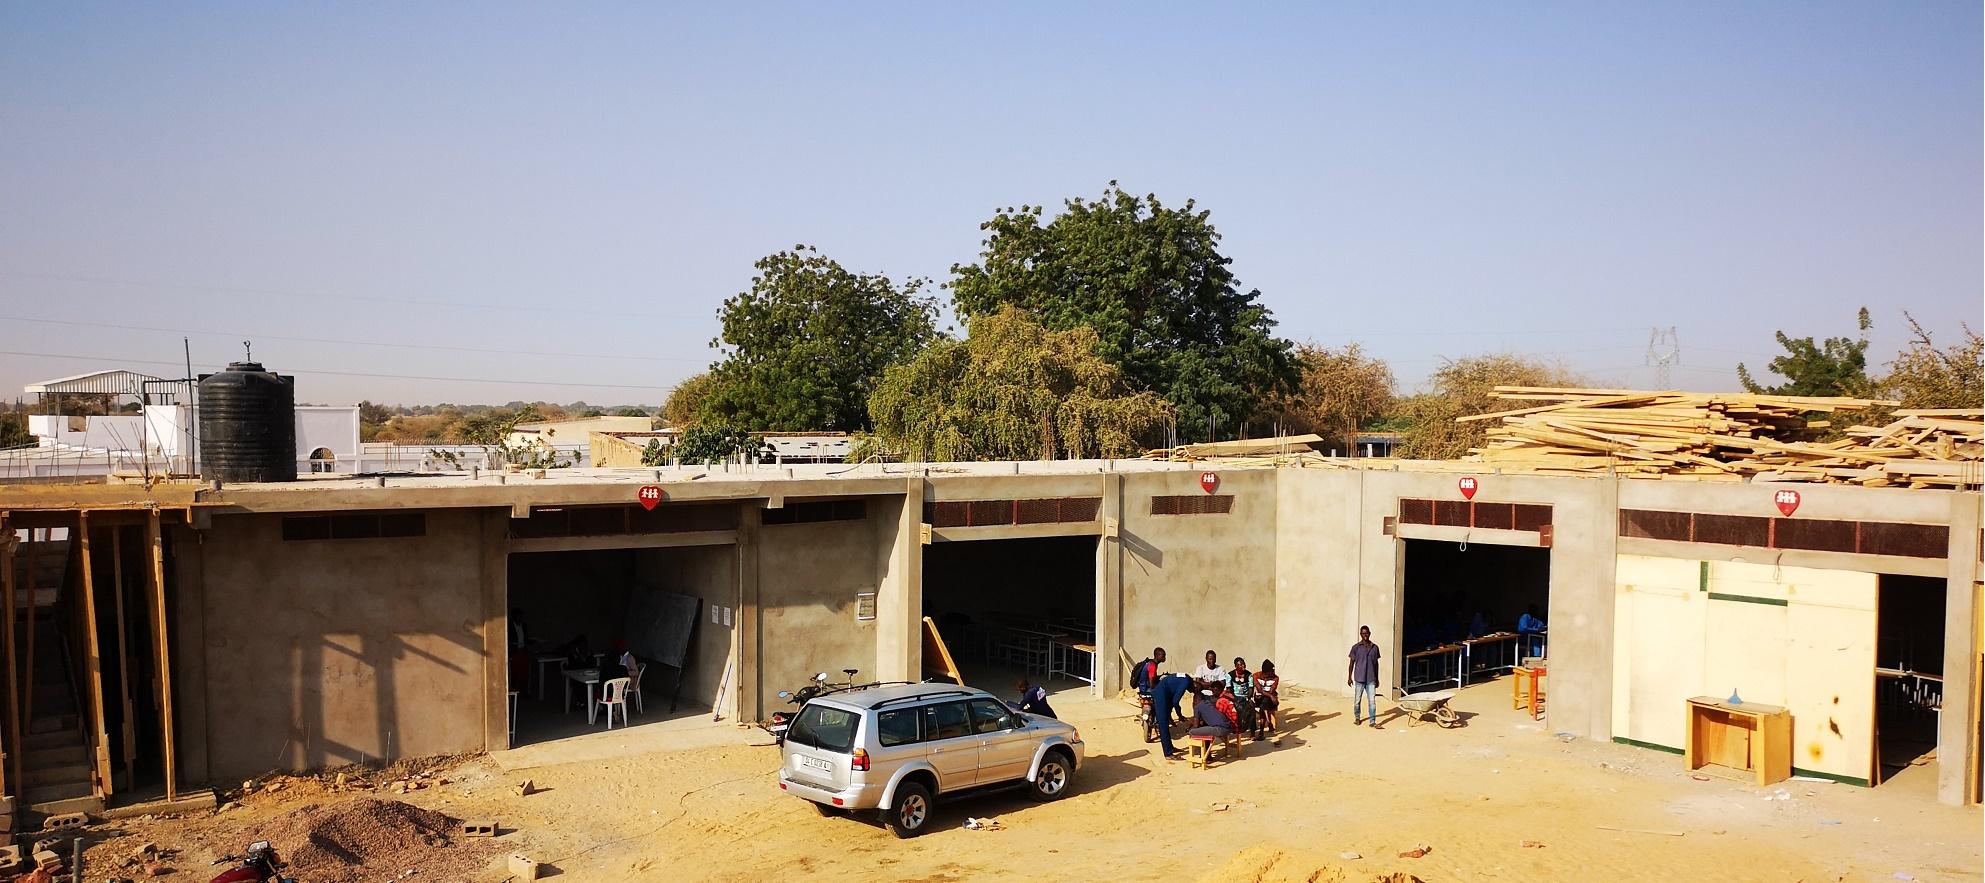 Prende forma il centro professionale a N'Djamena